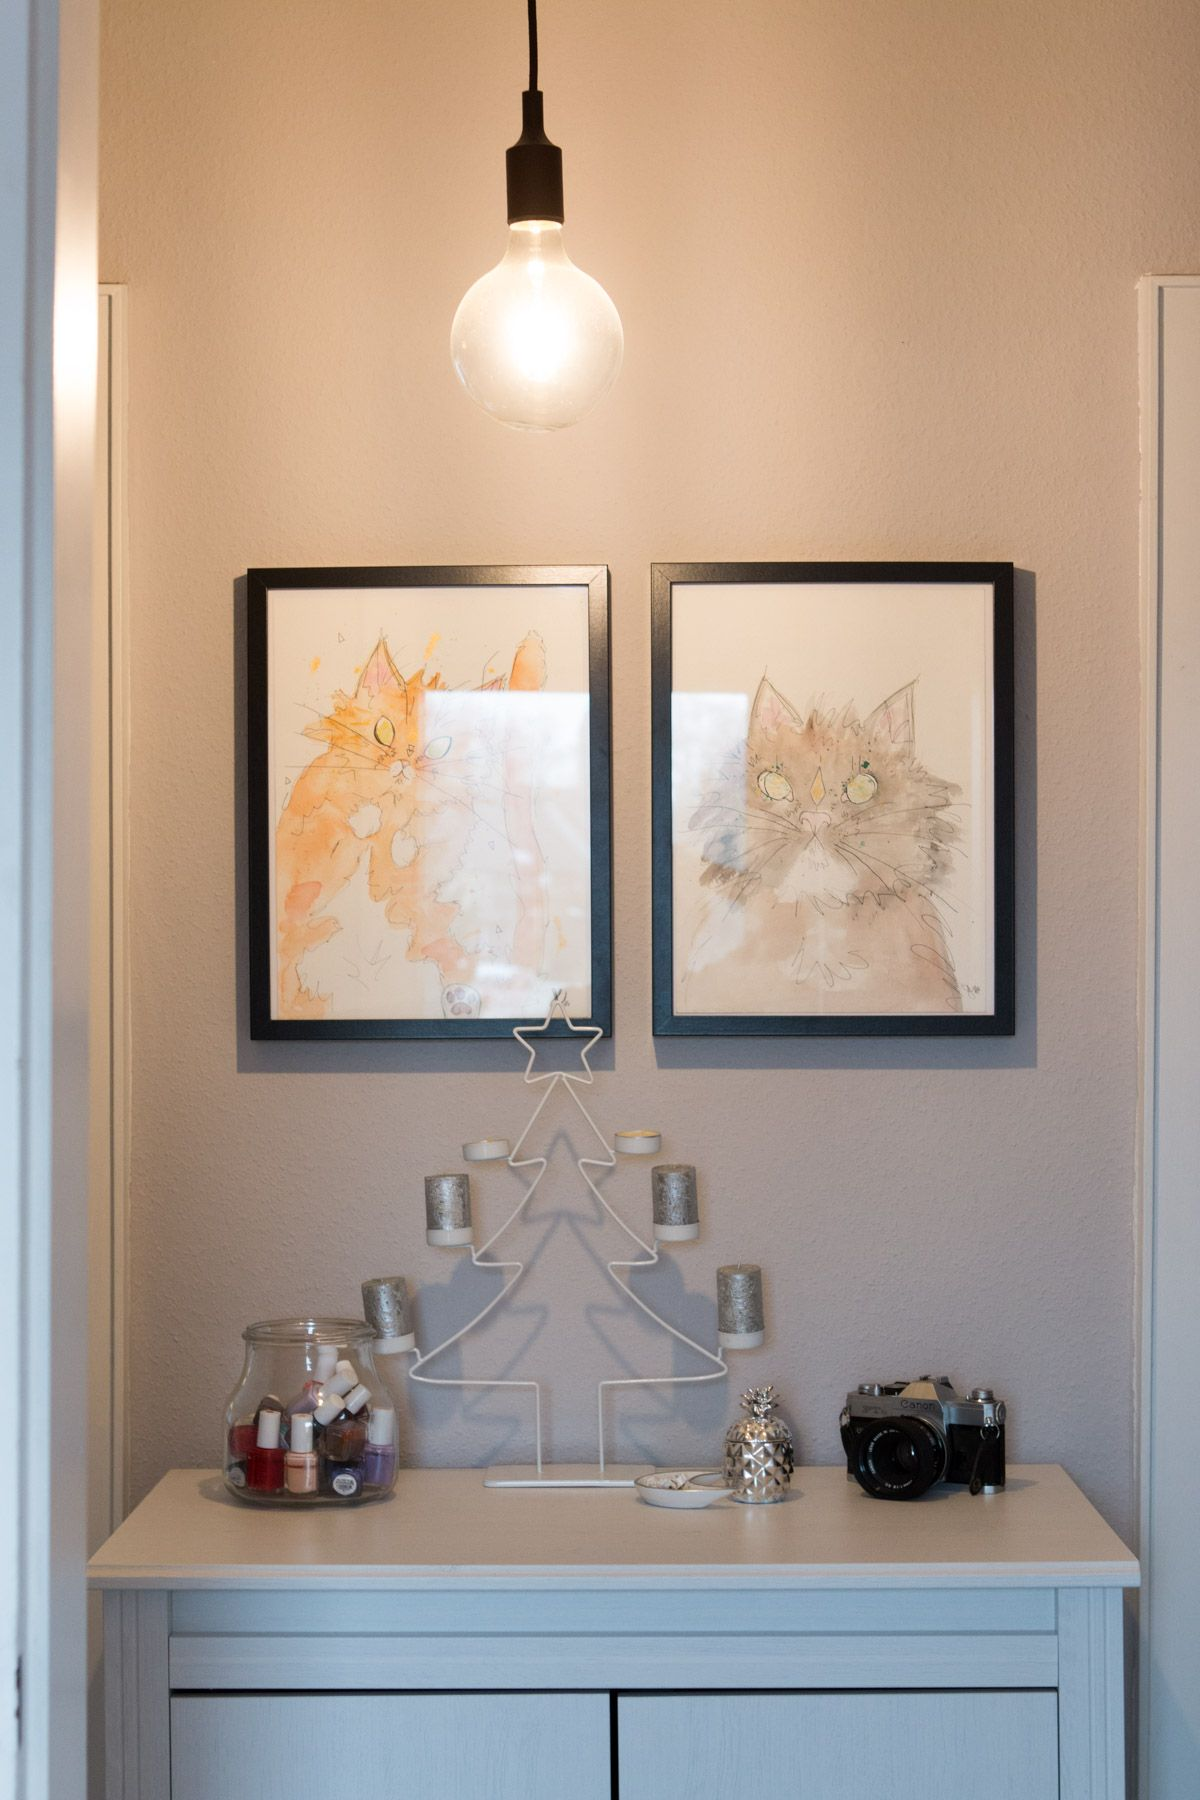 Mein Neues Wohnzimmer Mit Alpina Feine Farben Home Decor Decor